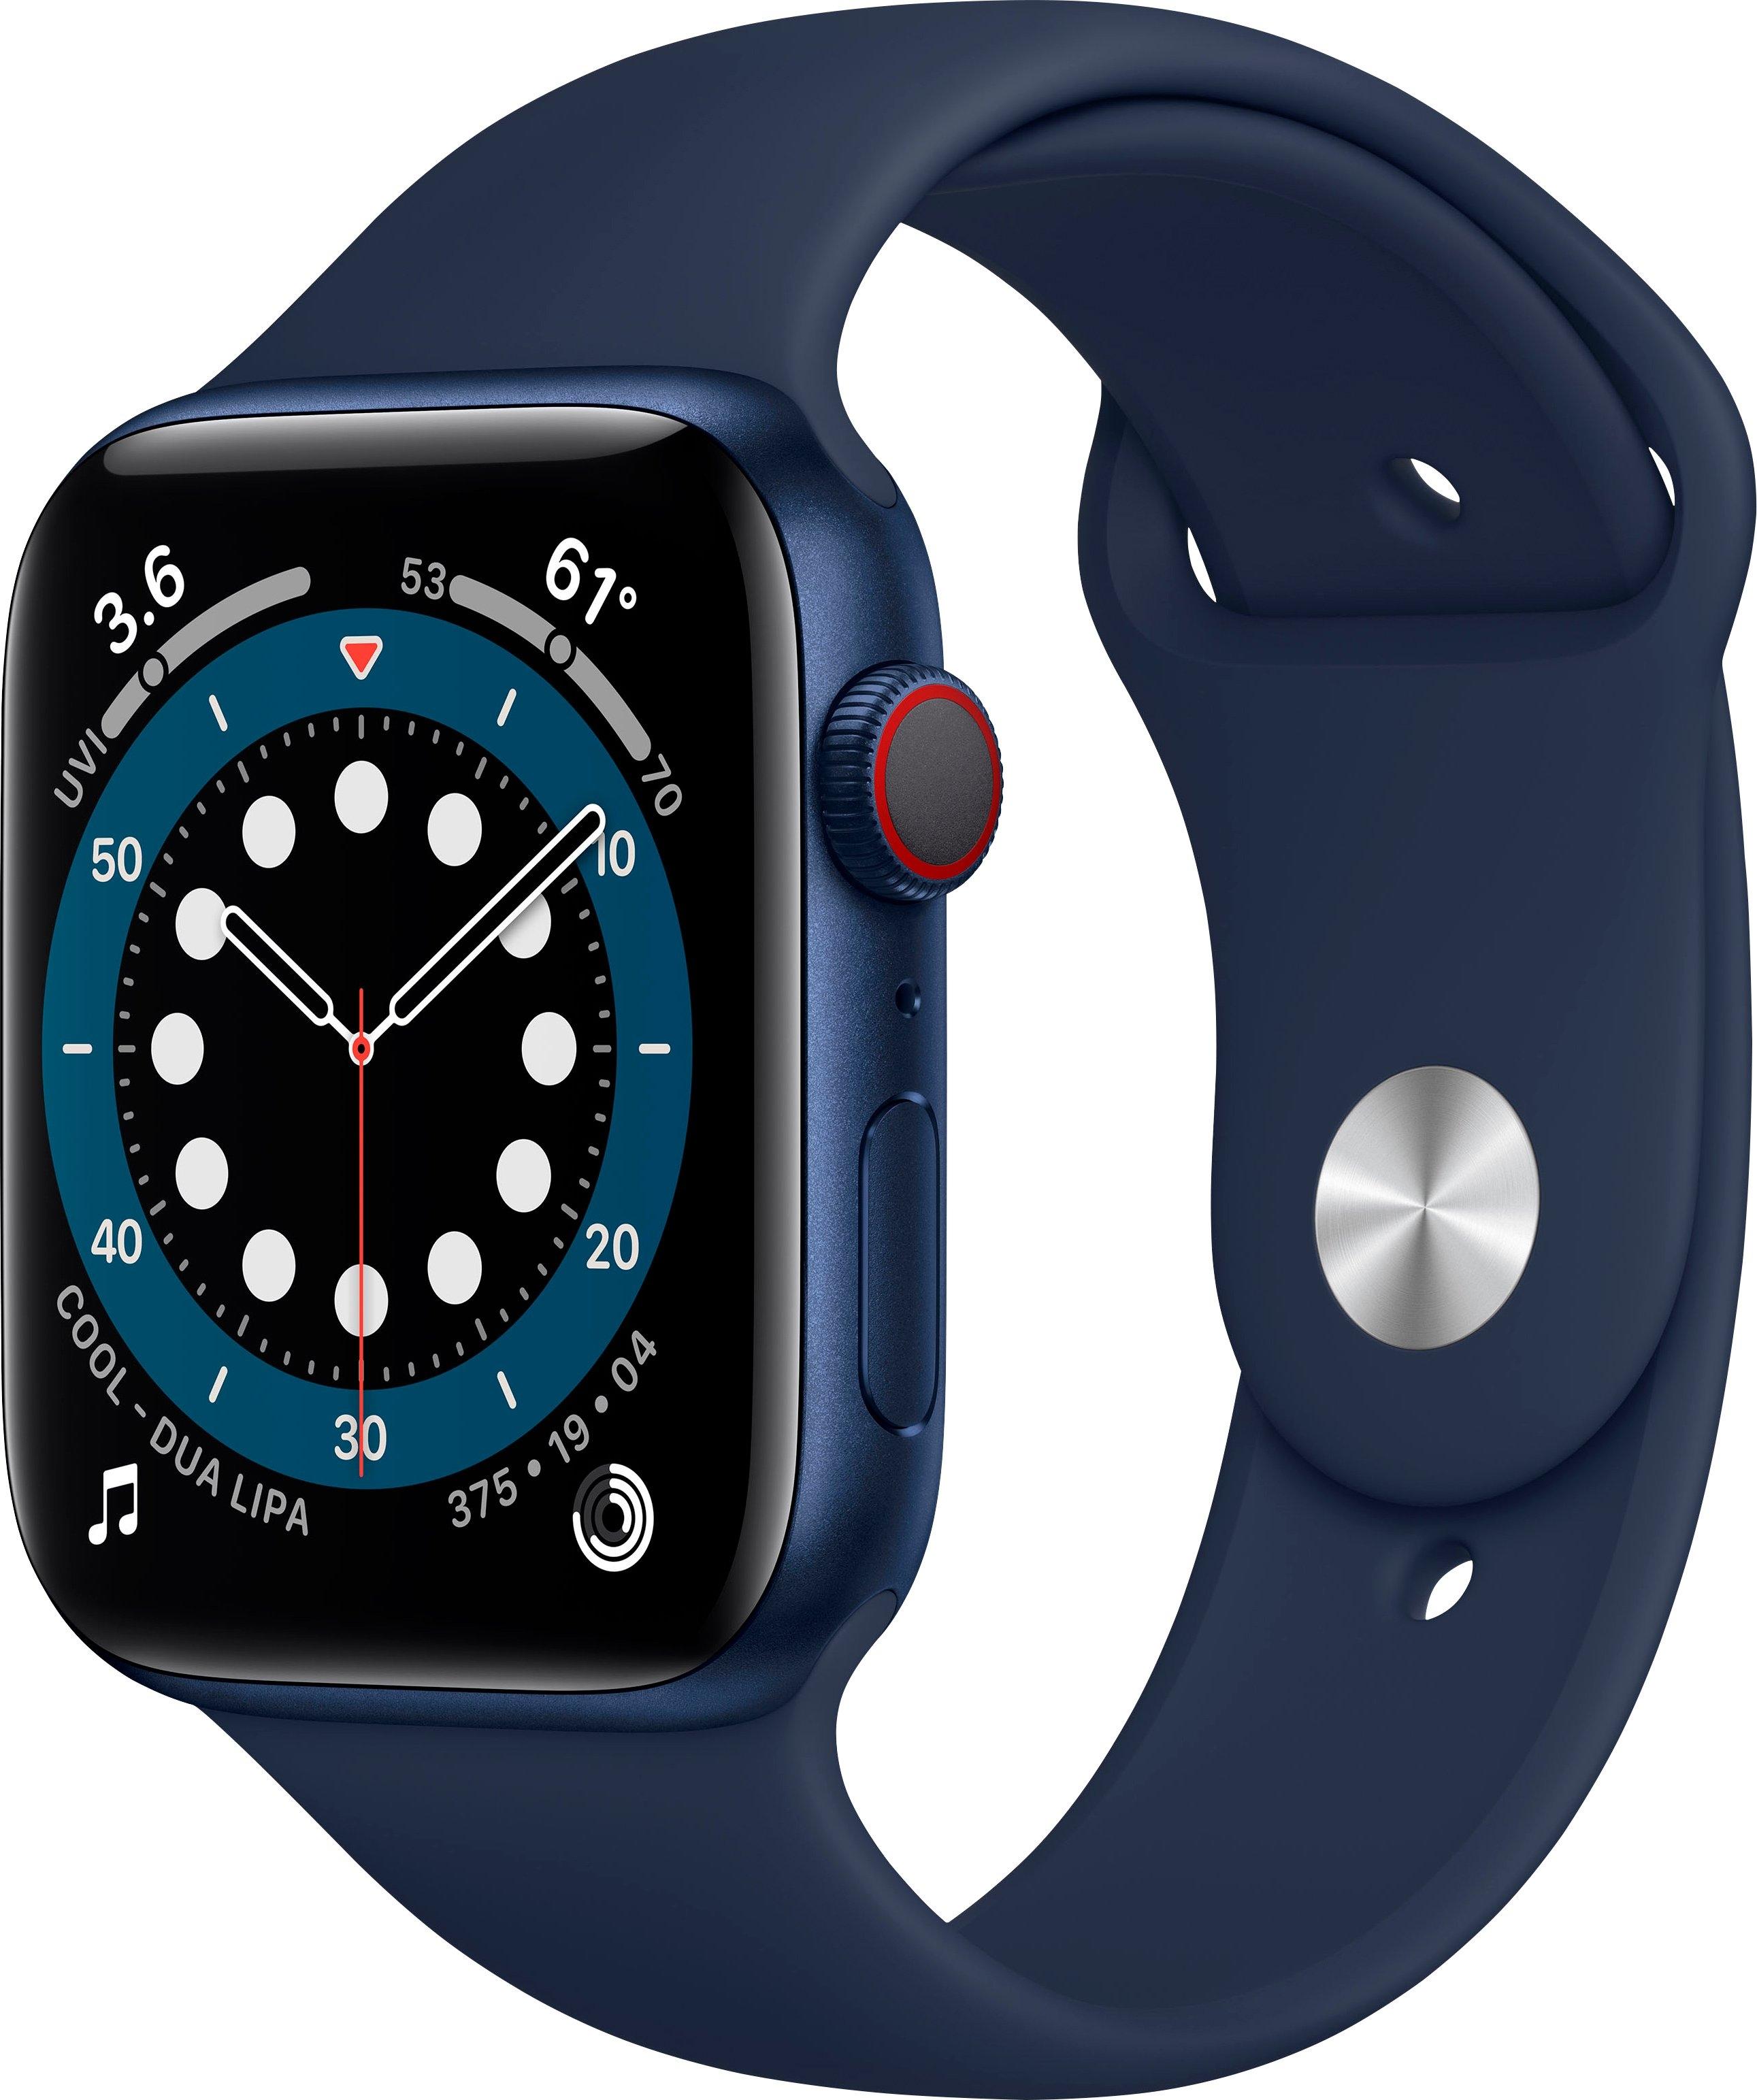 Apple watch Series 6 GPS + Cellular, Aluminiumgehäuse mit Sport 44mm inclusief oplaadstation (magnetische oplaadkabel) in de webshop van OTTO kopen